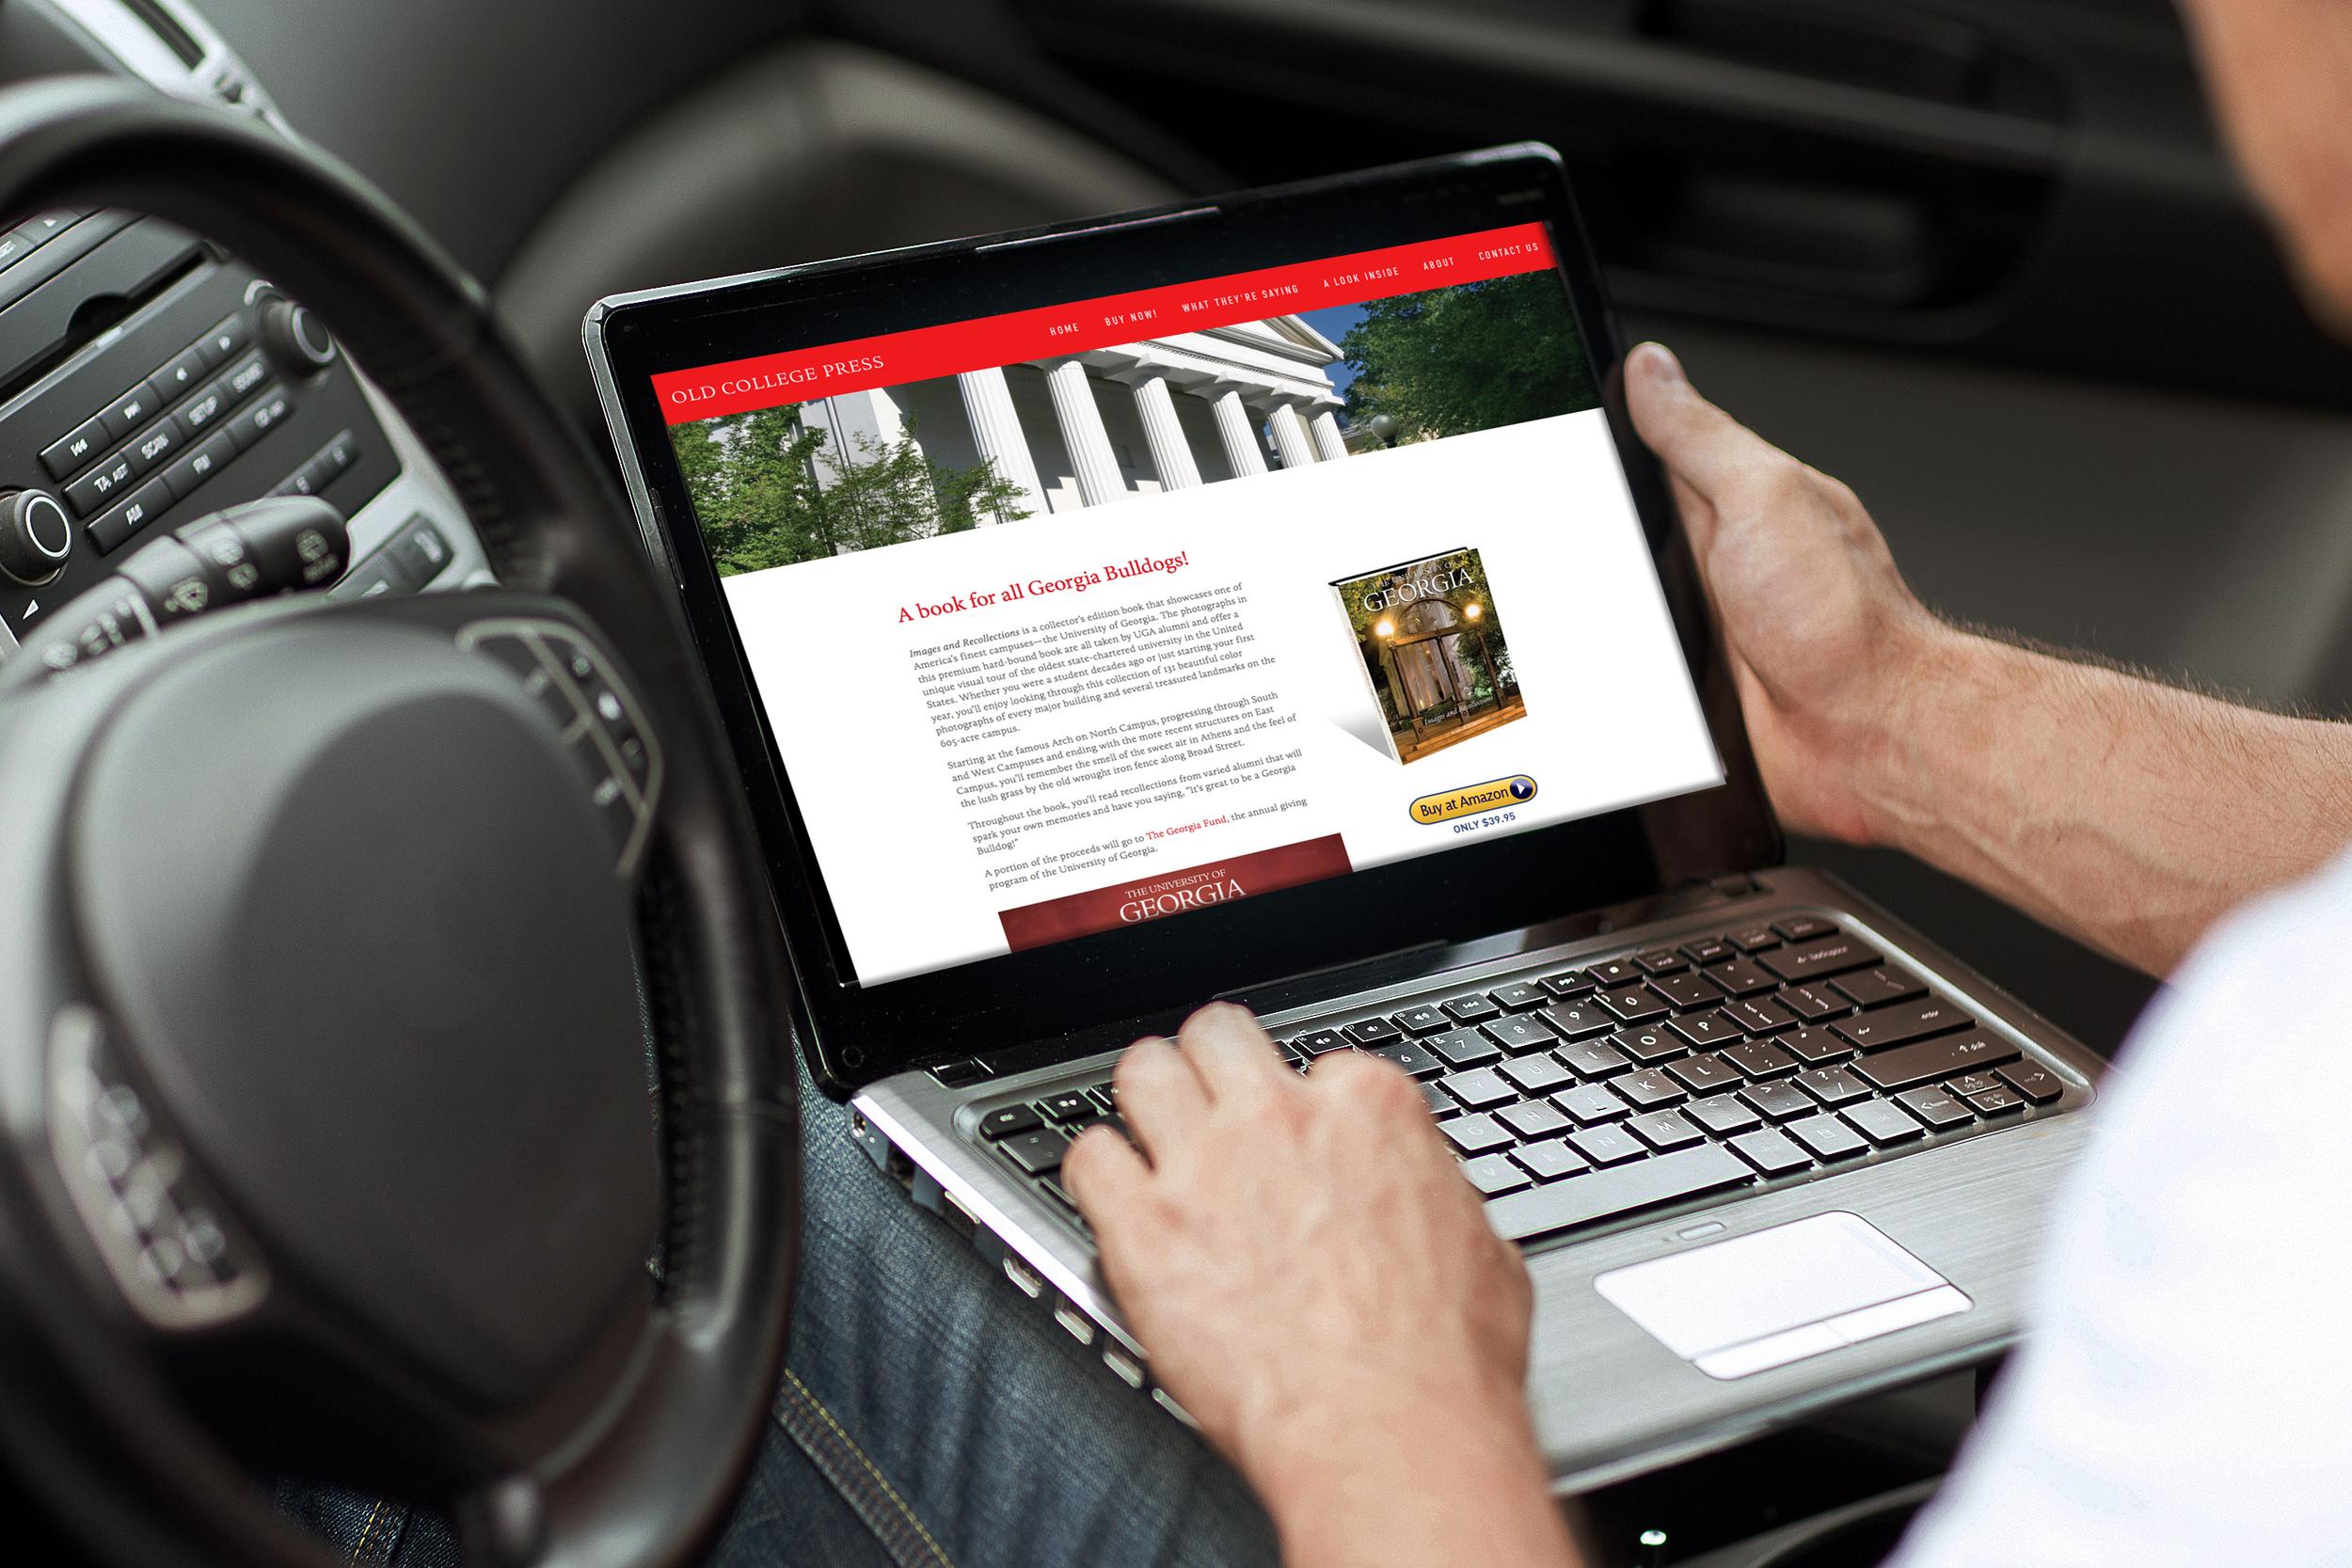 Old College Press web site